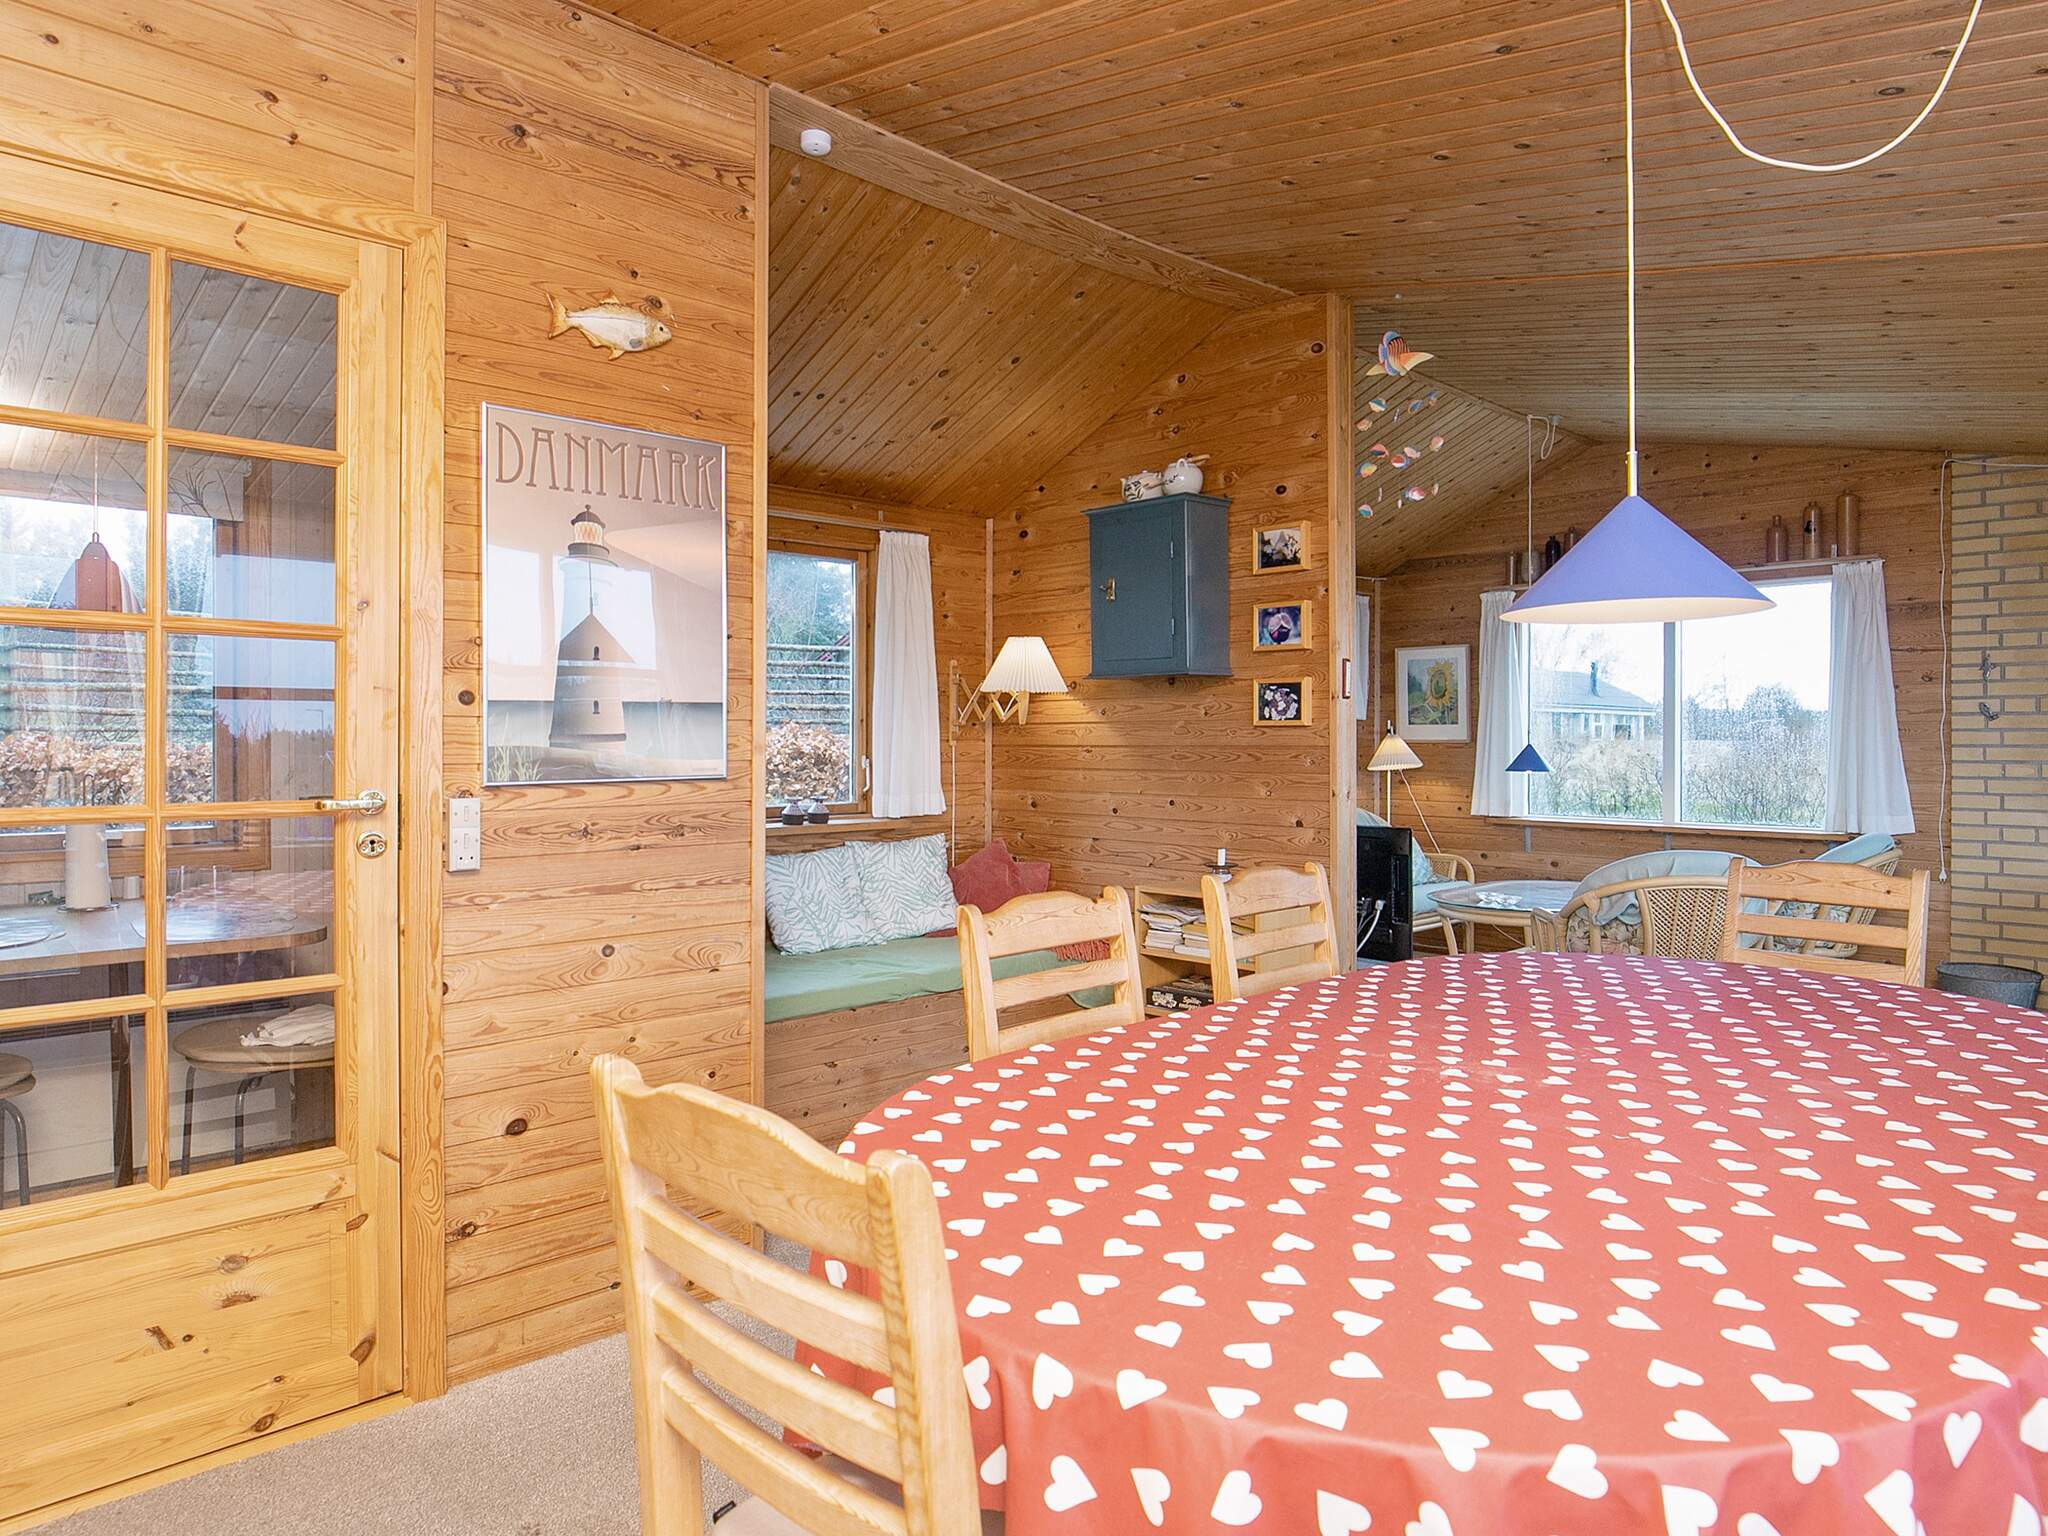 Ferienhaus Kjul Strand (2595175), Hirtshals, , Nordwestjütland, Dänemark, Bild 5